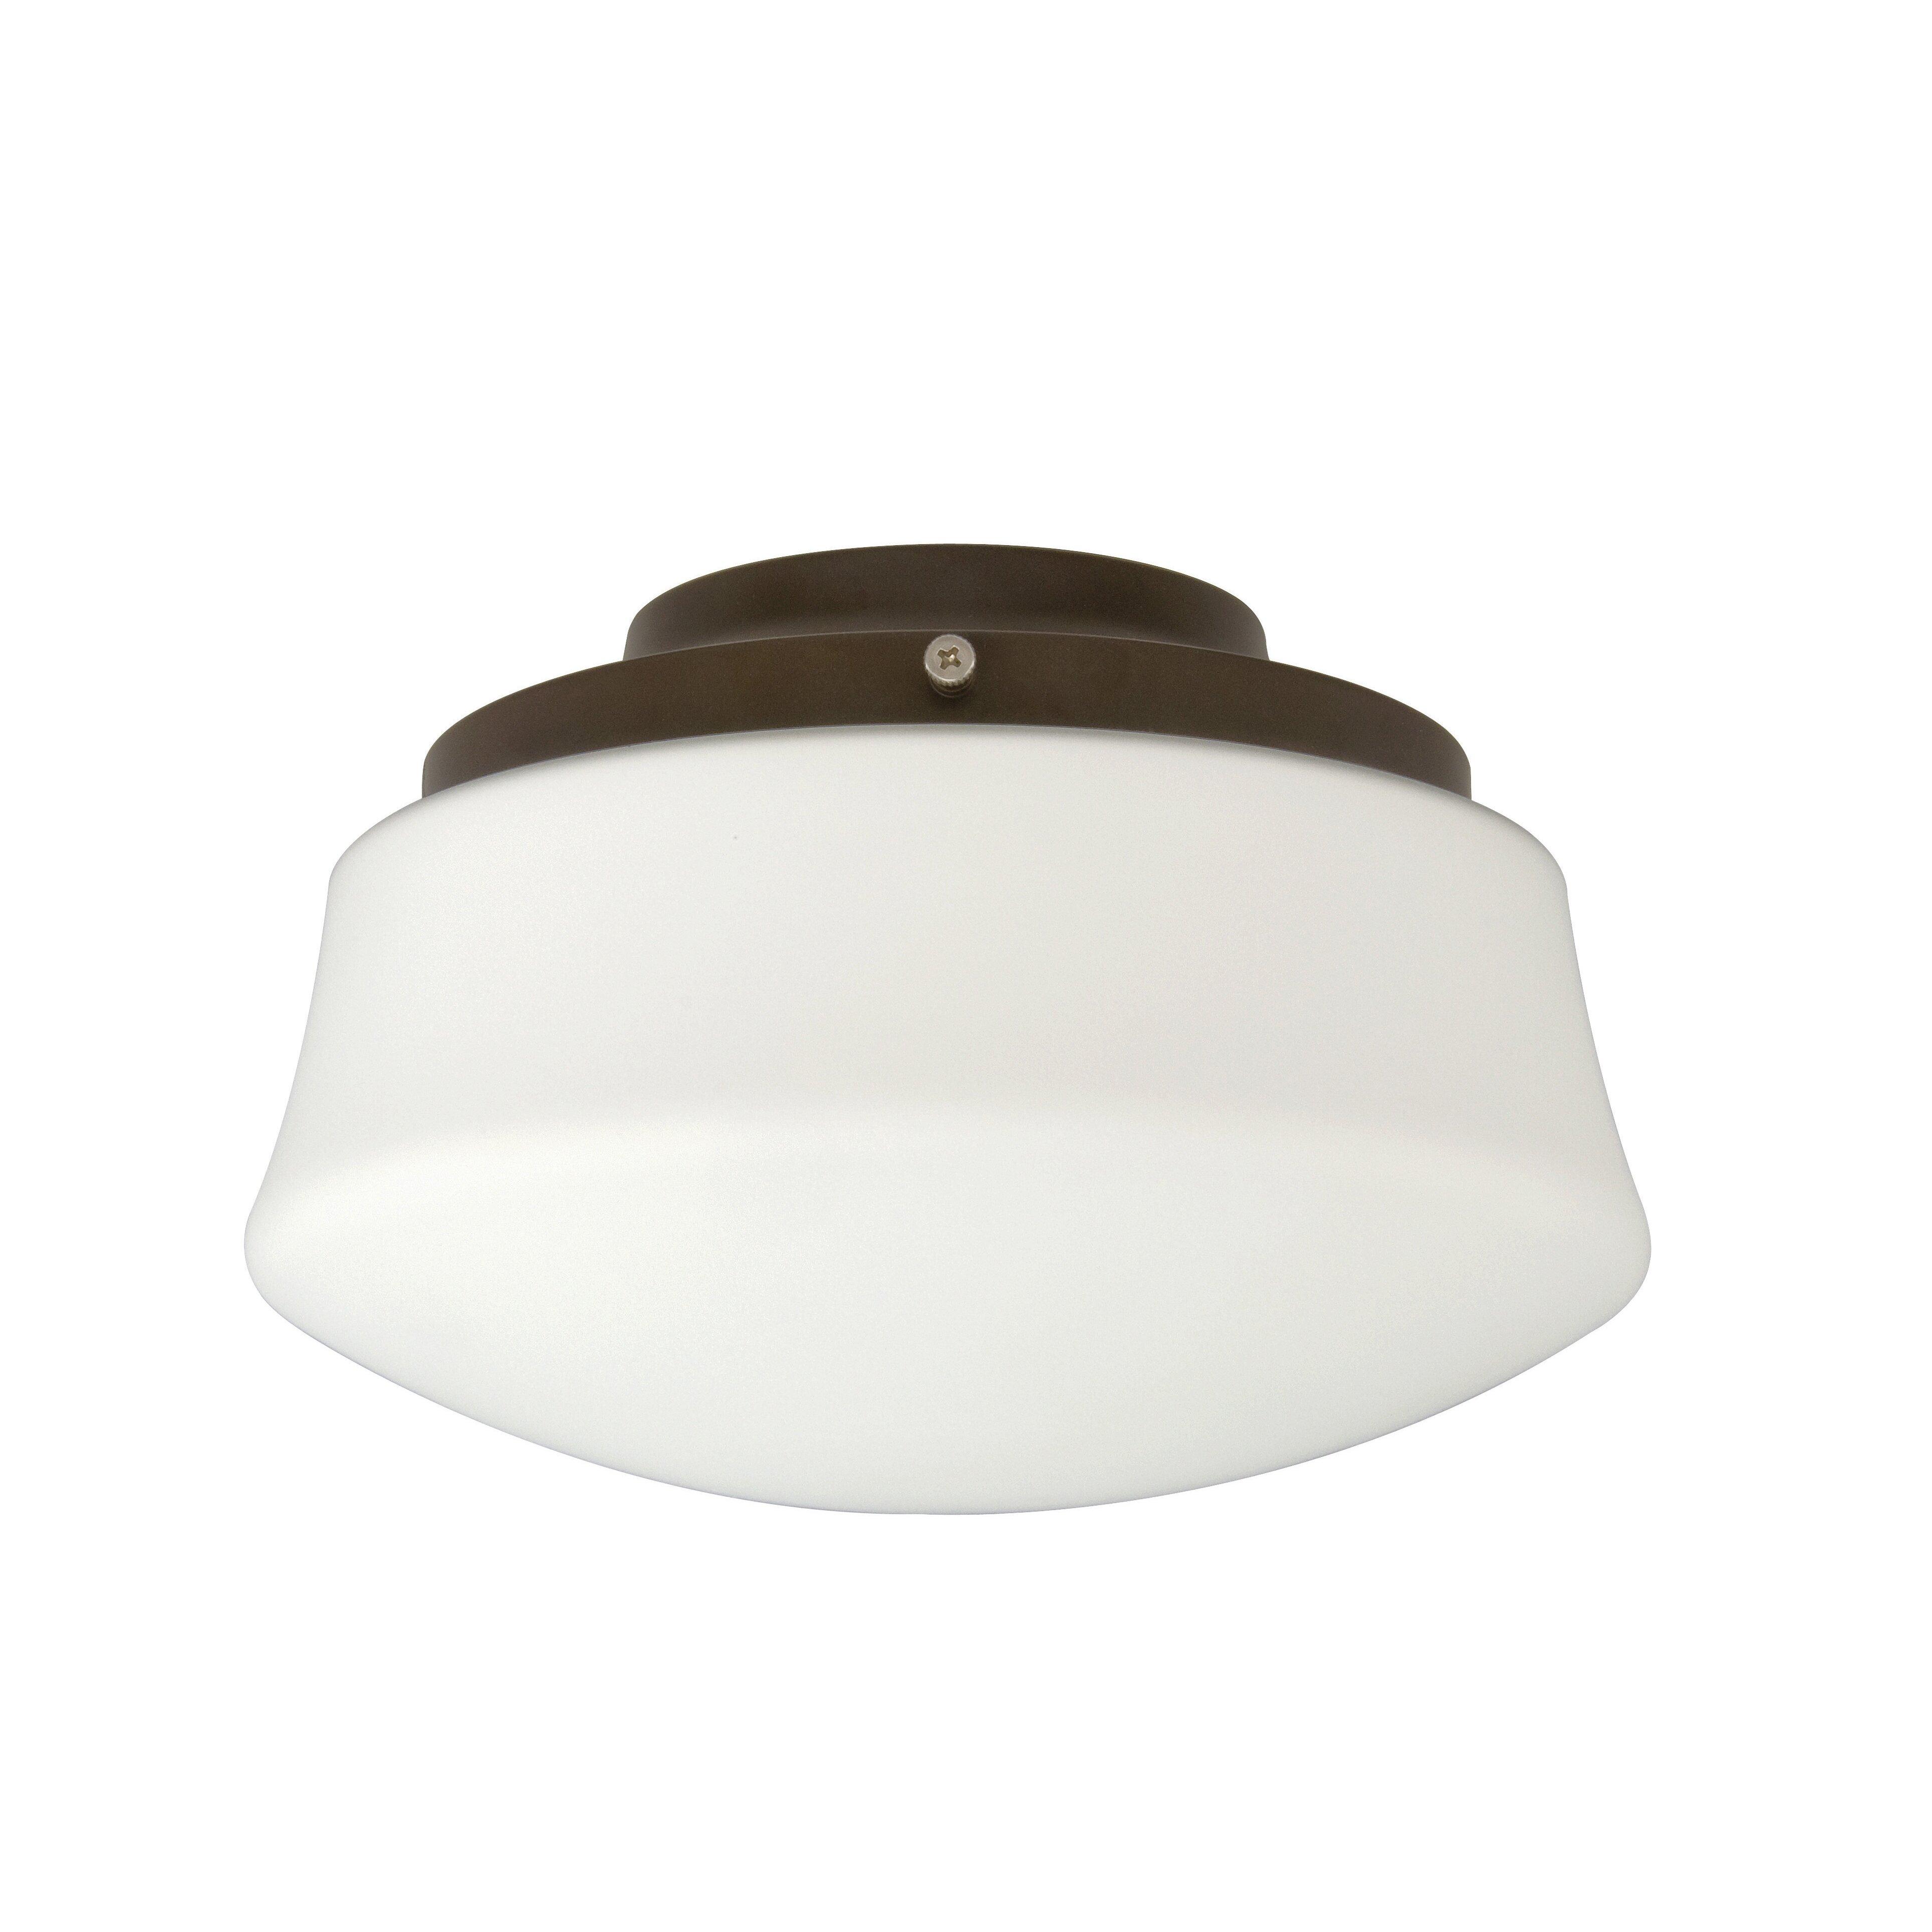 20 Schoolhouse Ceiling Fan Light Kit Fanimation Low Profile 1 Prestige Wiring Diagram Gallery Of